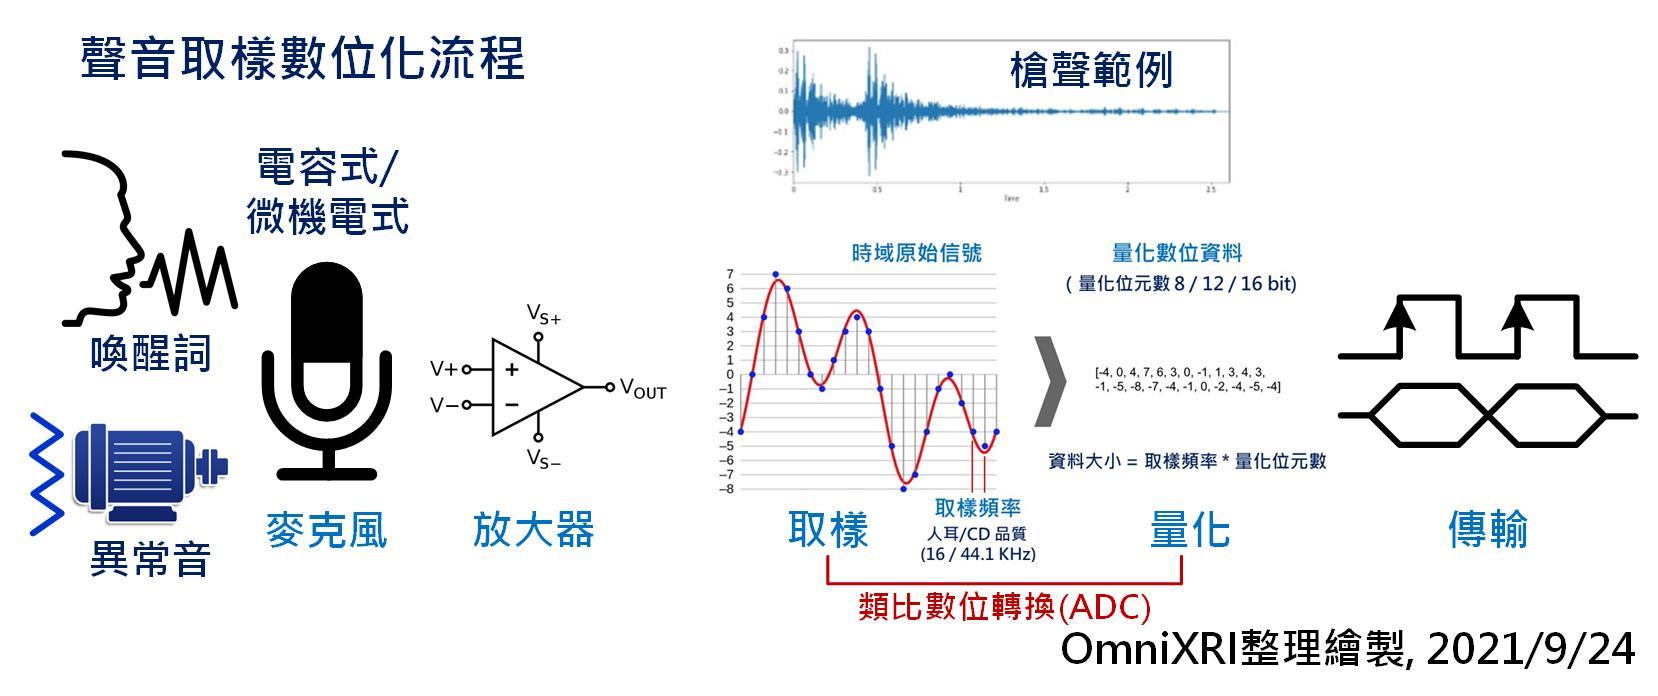 聲音取樣數位化流程圖